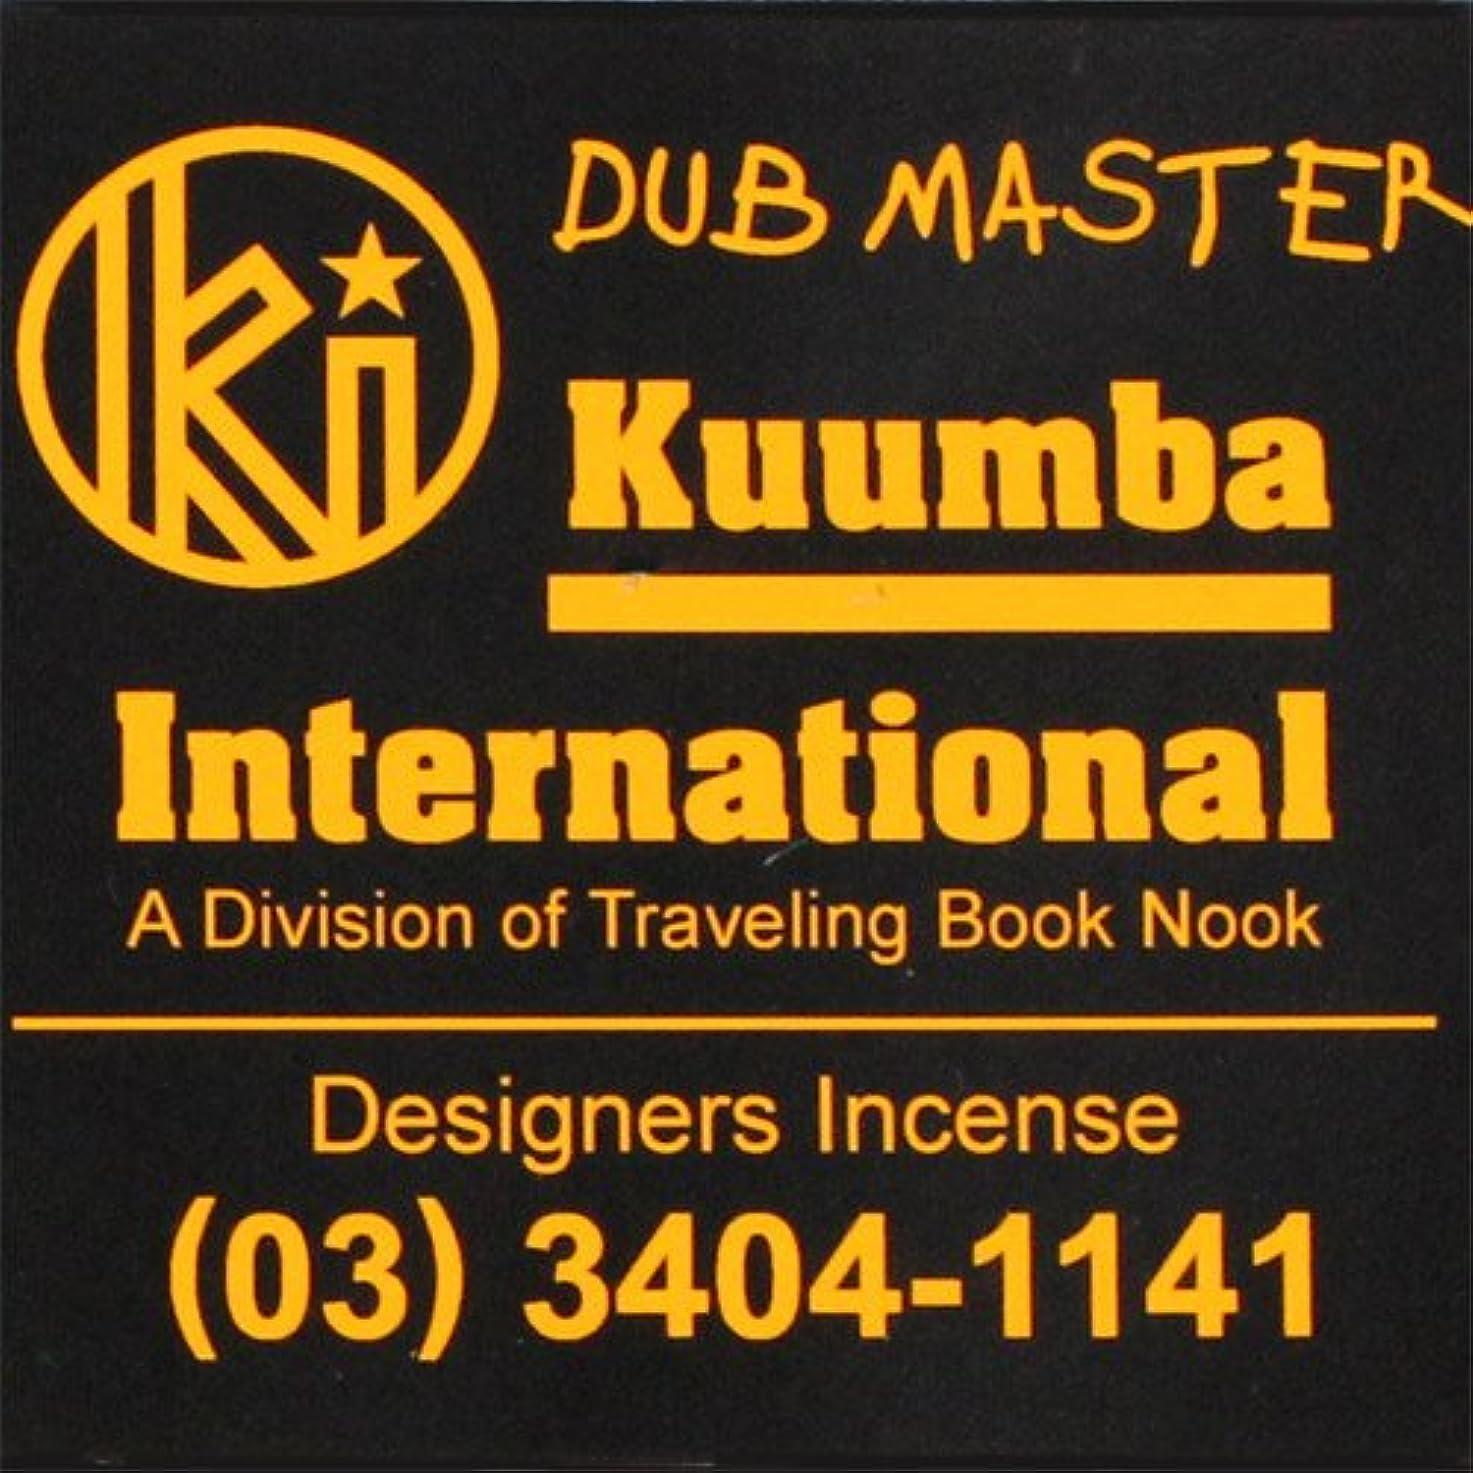 ホテル請求可能結婚KUUMBA/クンバ『incense』(DUB MASTER) (Regular size)